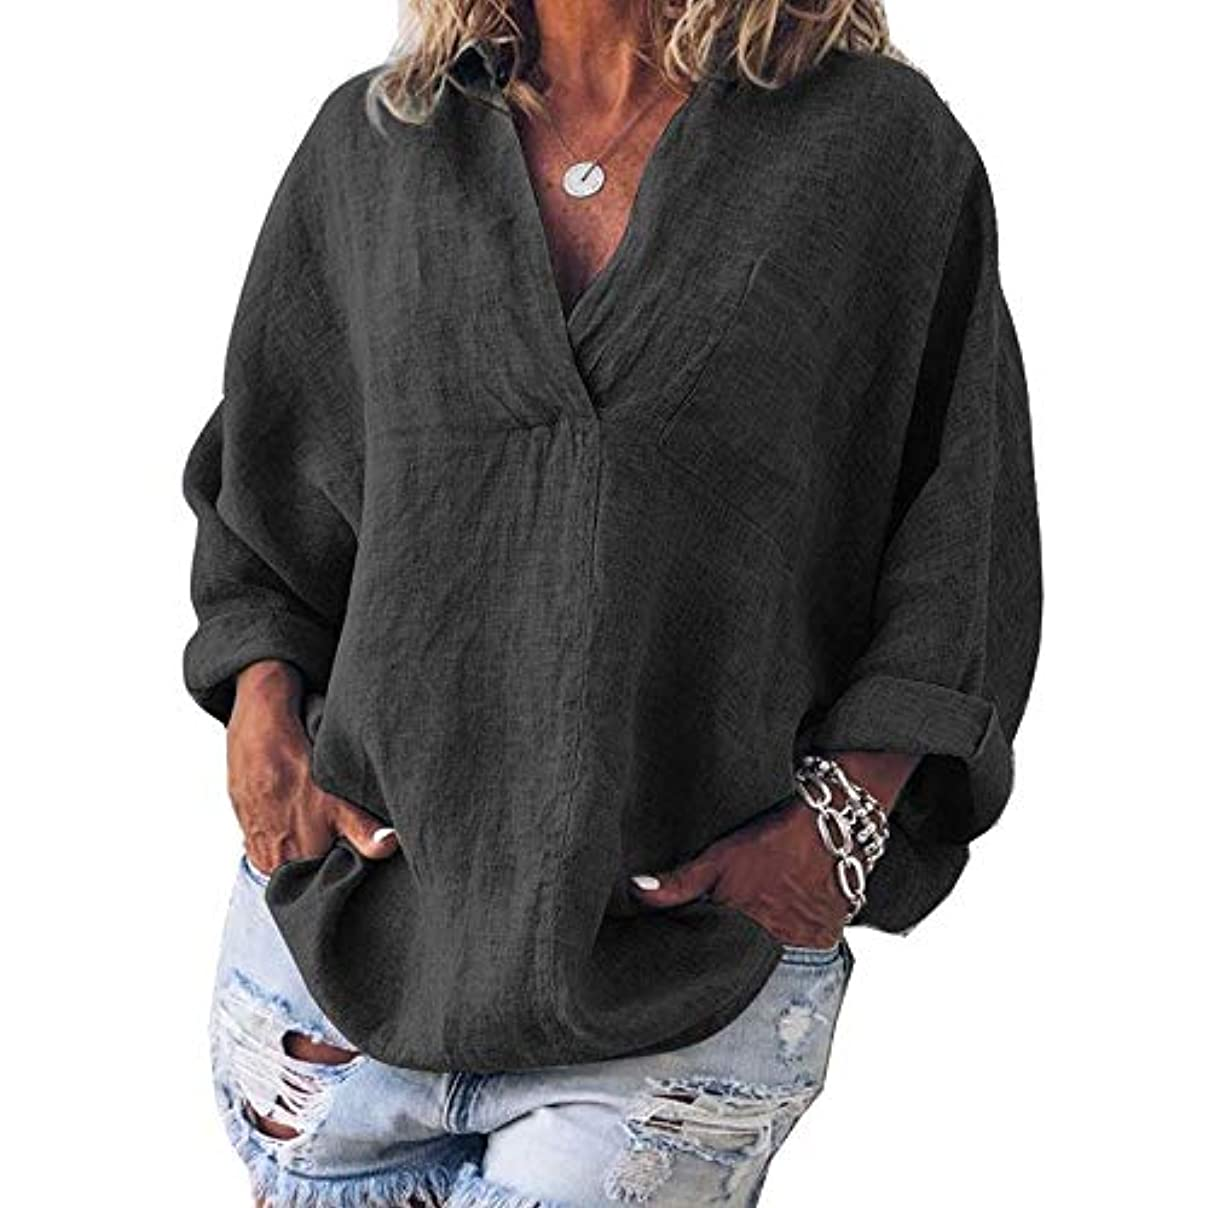 減少戸惑う隔離MIFAN女性ファッション春夏チュニックトップス深いVネックTシャツ長袖プルオーバールーズリネンブラウス